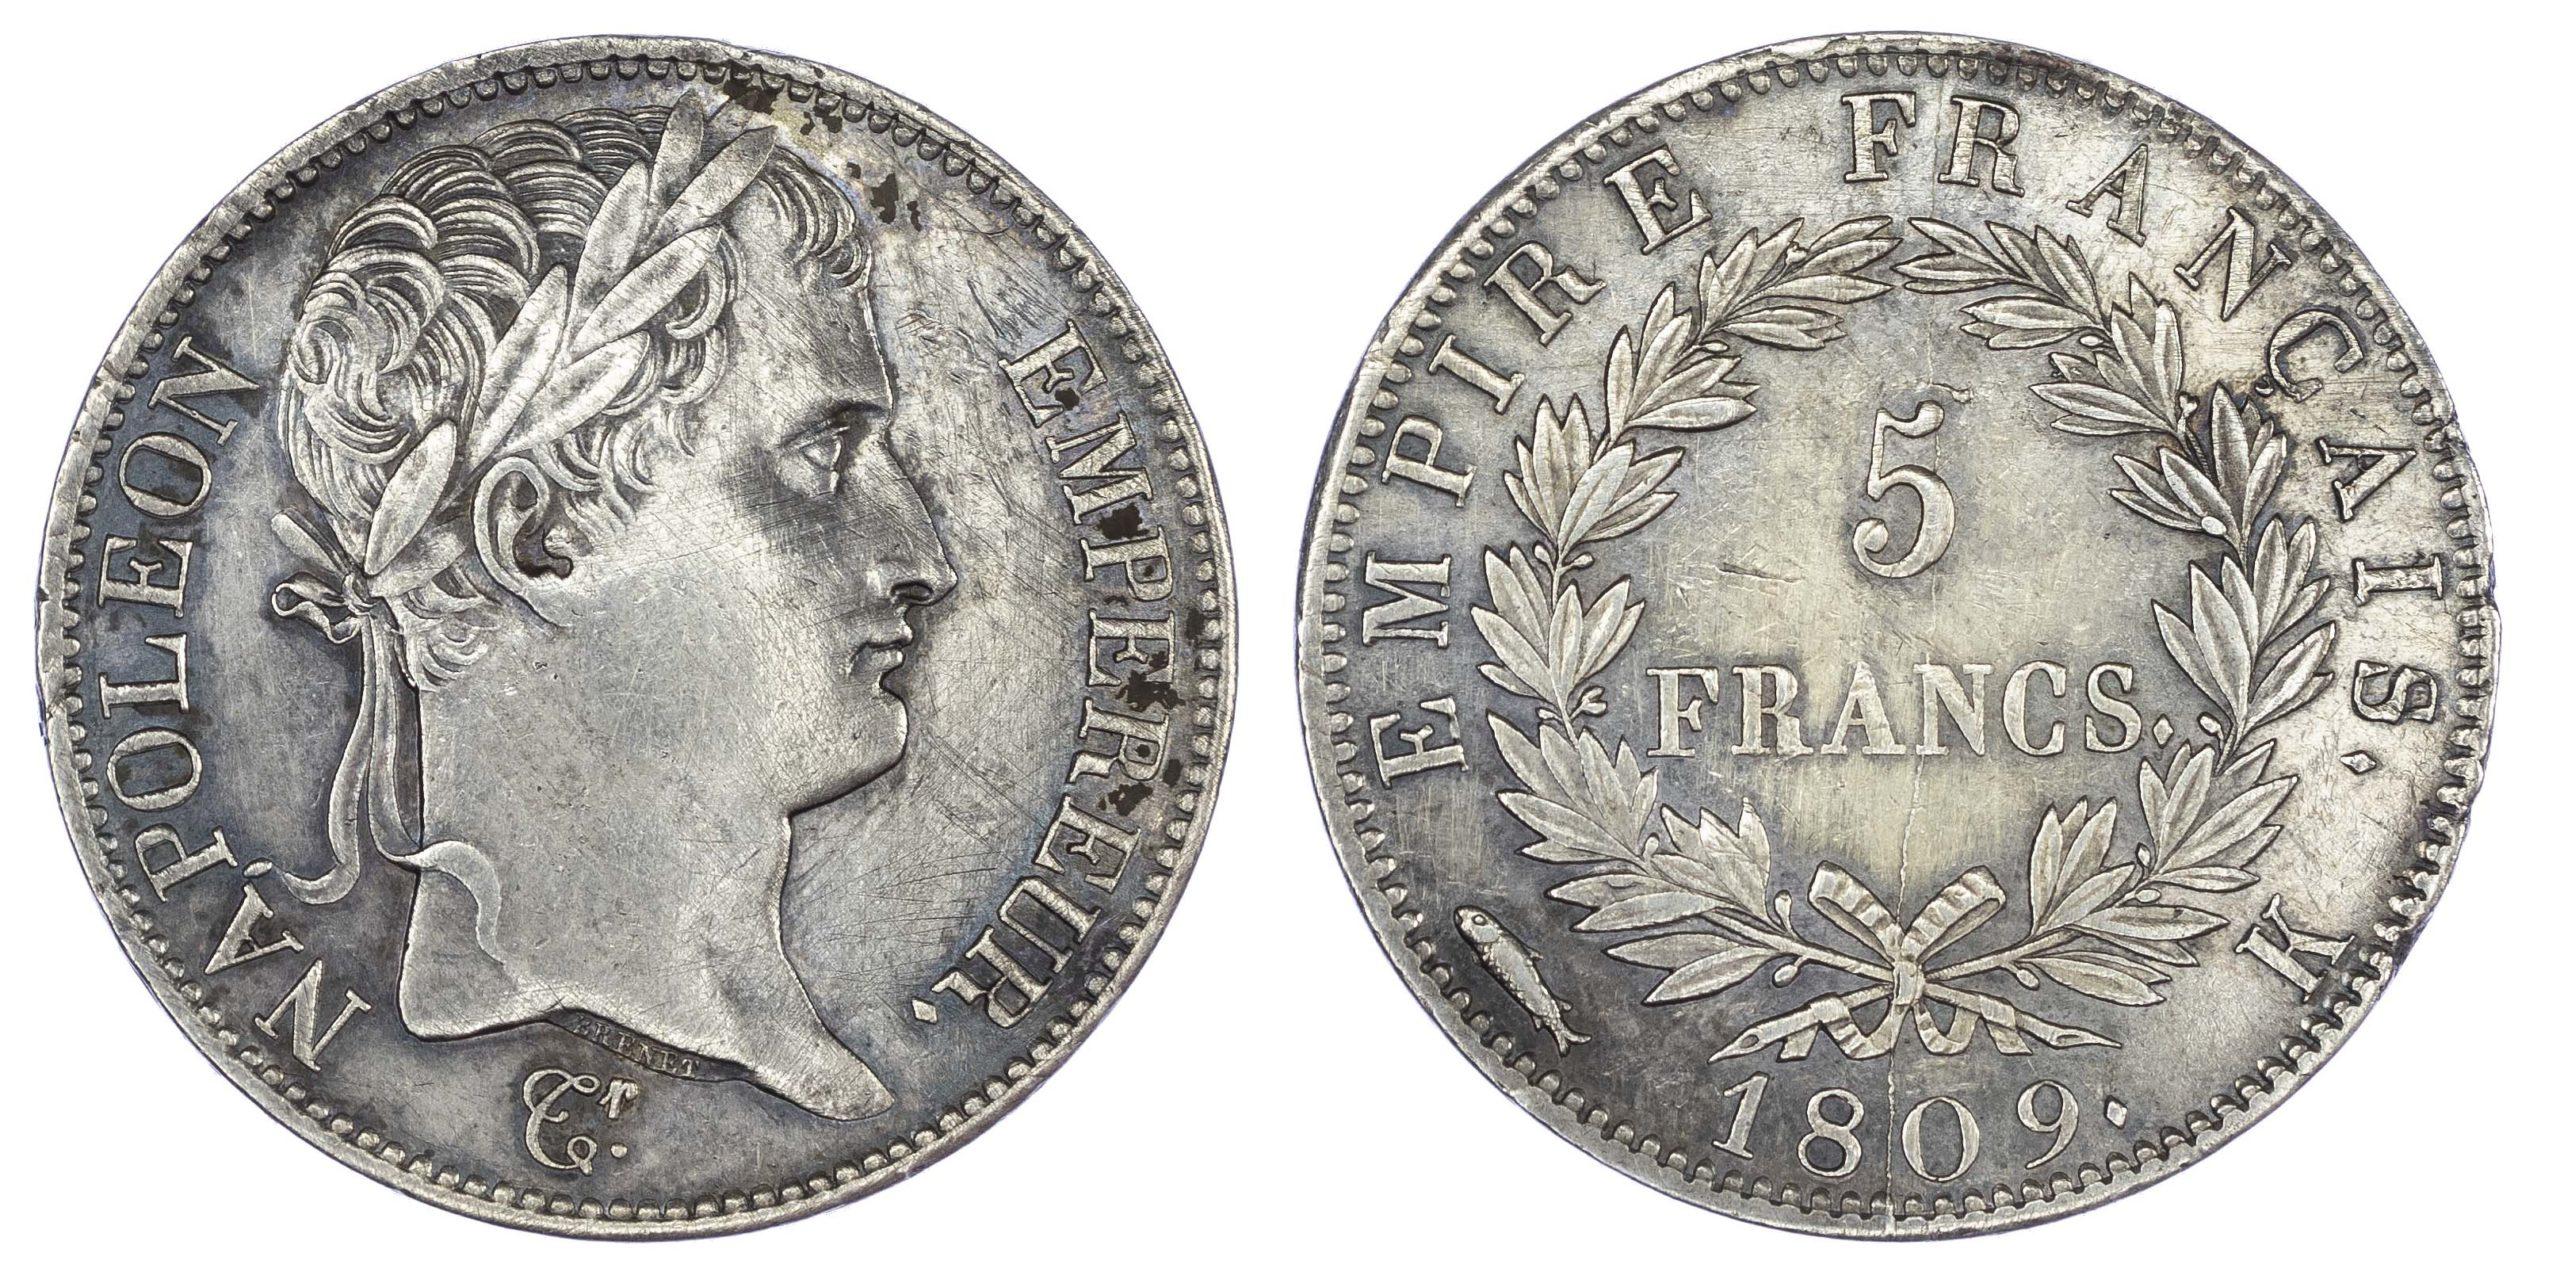 France, Napoleon (1804-1814), silver 5 Francs, 1809, Bordeaux